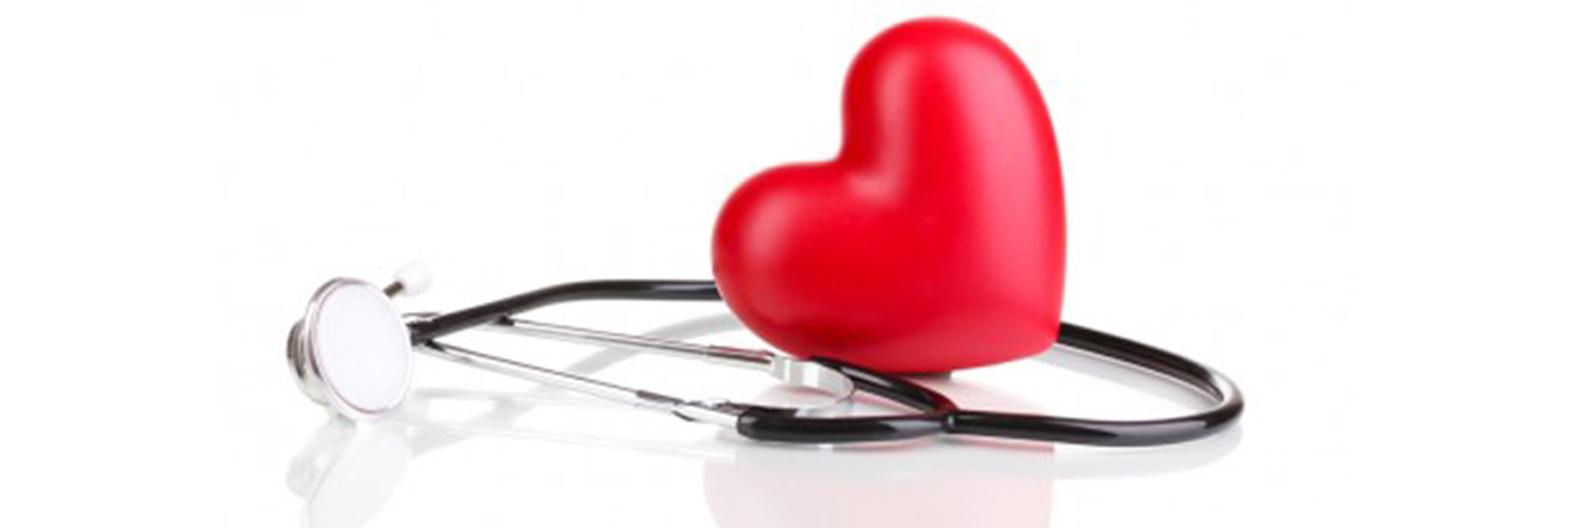 hipertenzija yra tikrai naudingesnė